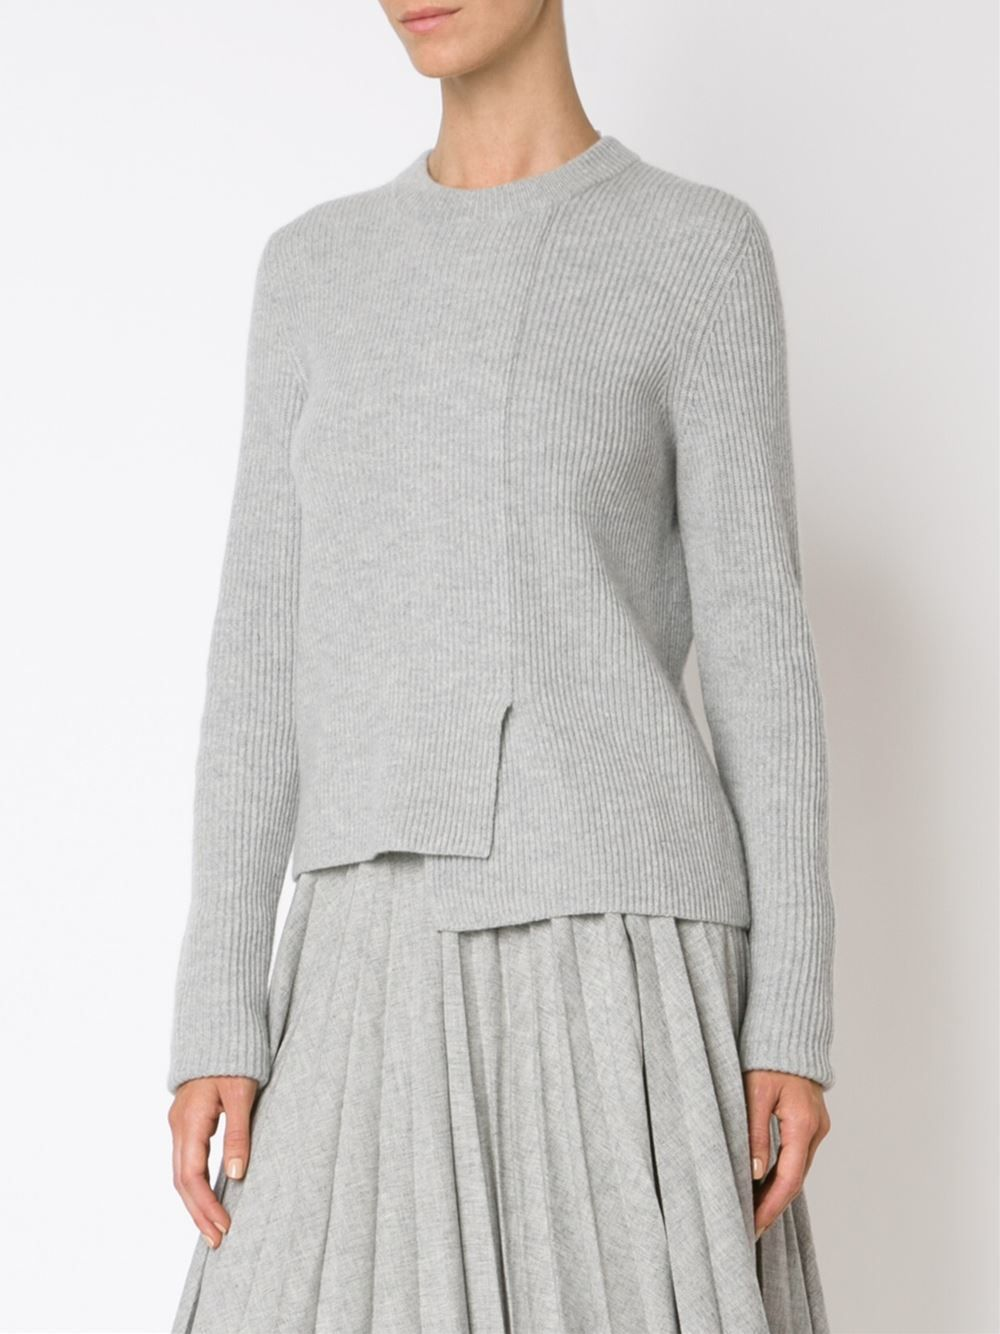 Proenza Schouler suéter asimétrico